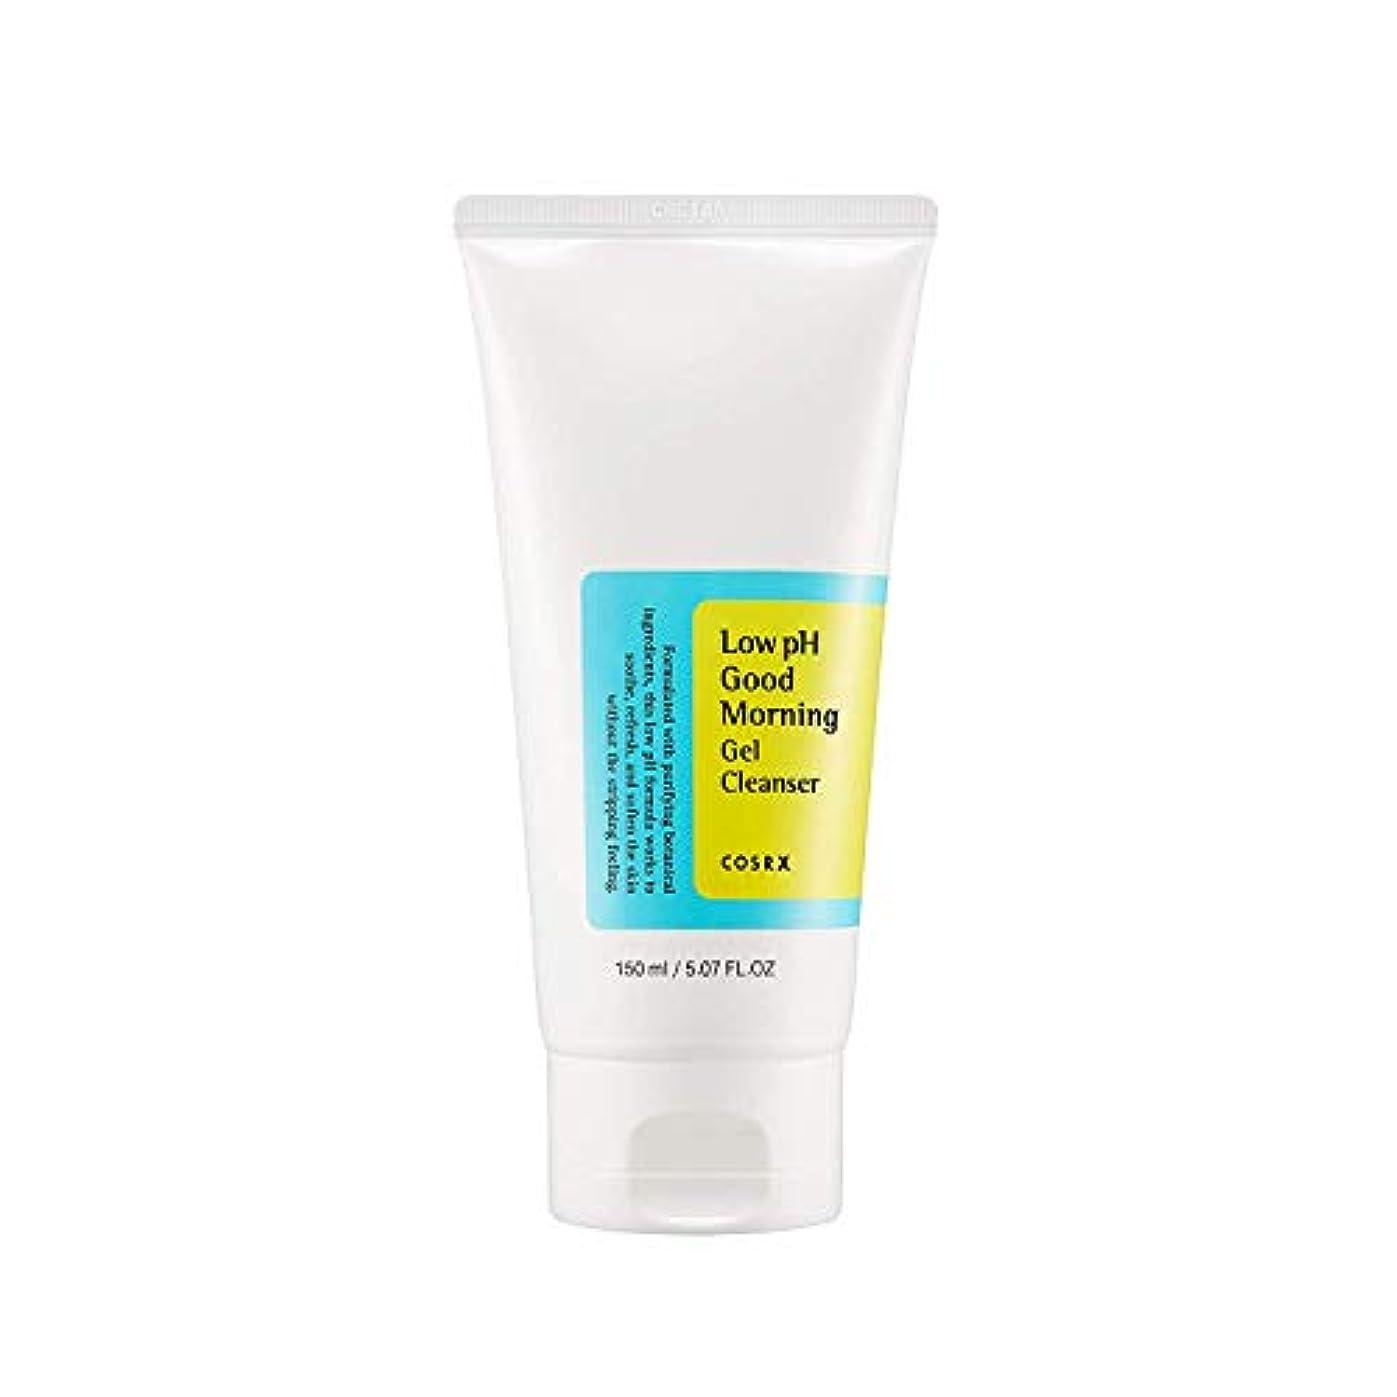 葡萄確立しなければならないCOSRX 弱酸性 グッドモーニング ジェルクレンザー / 敏感肌用 クレンジングジェル / Low PH Good Morning Gel Cleanser (150ml)